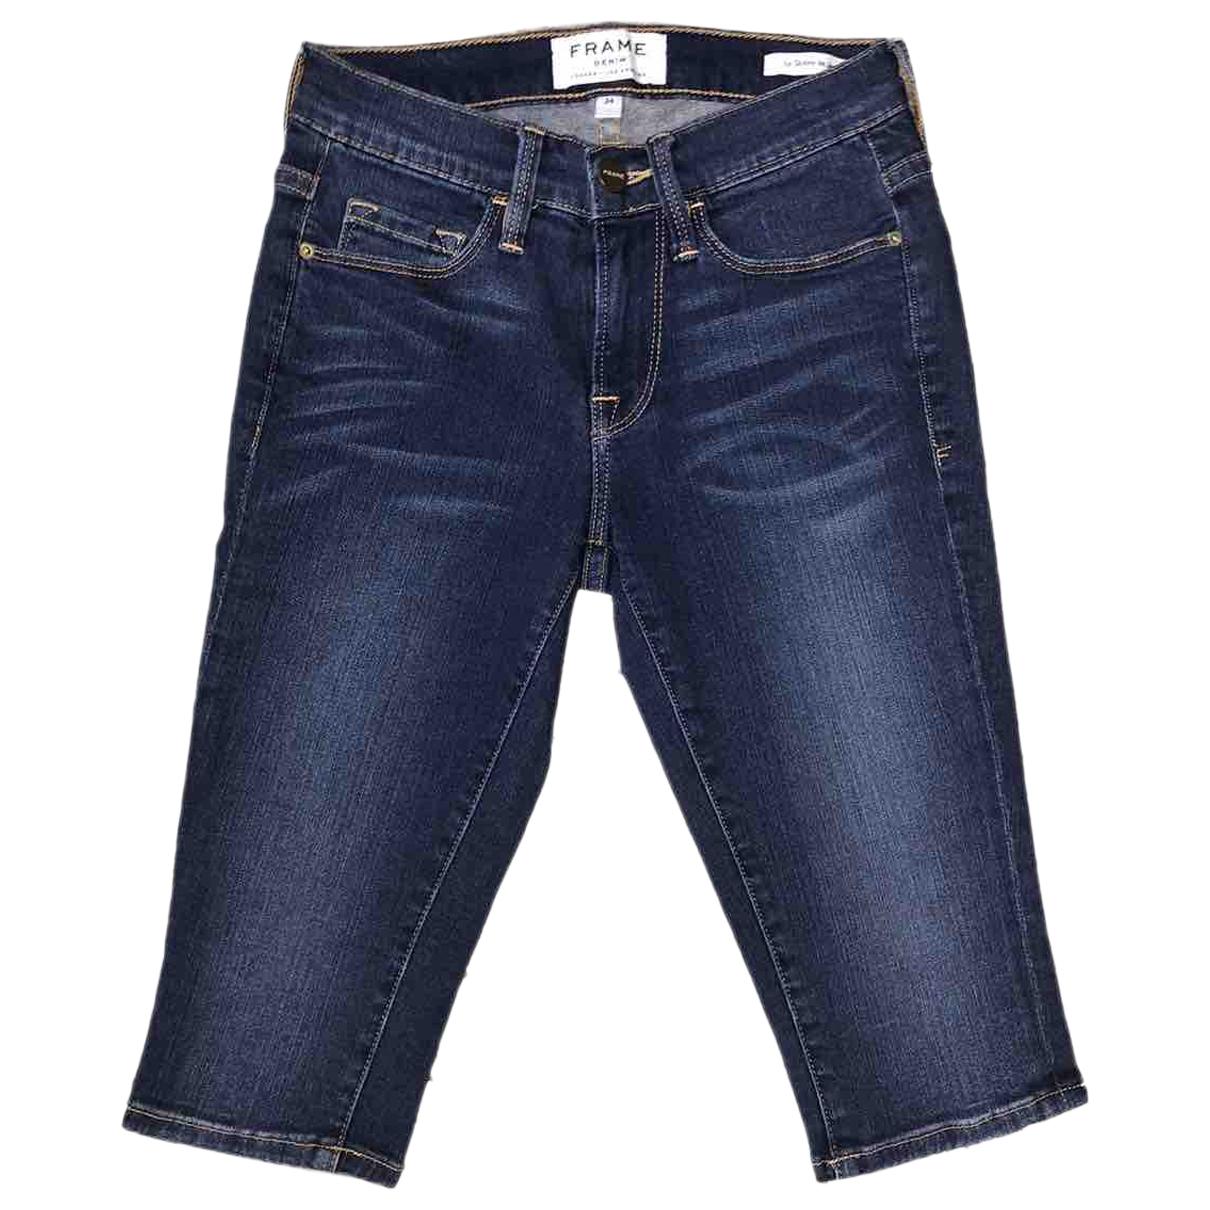 Frame Denim \N Shorts in  Blau Denim - Jeans